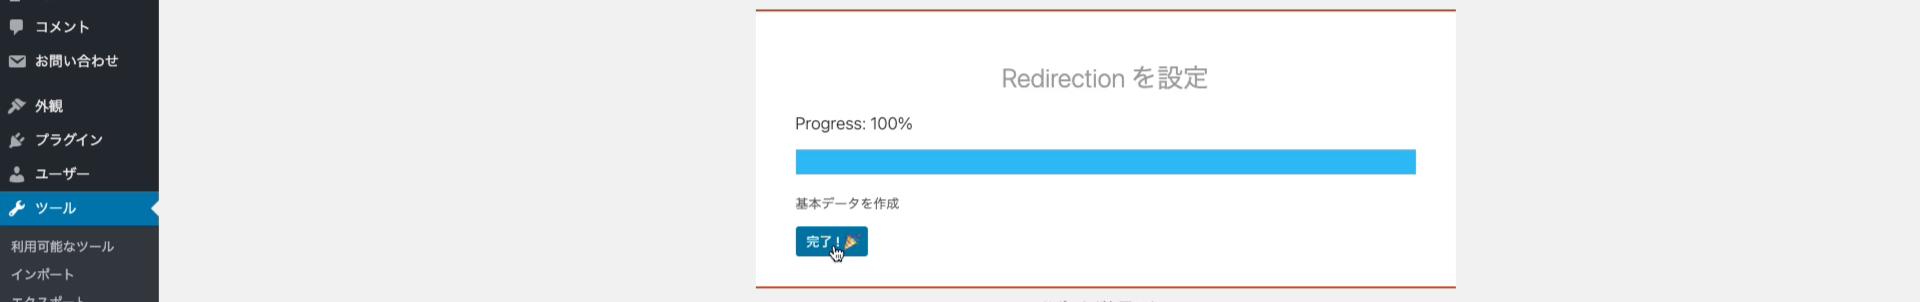 基本データ作成-完了「Redirection」プラグイン